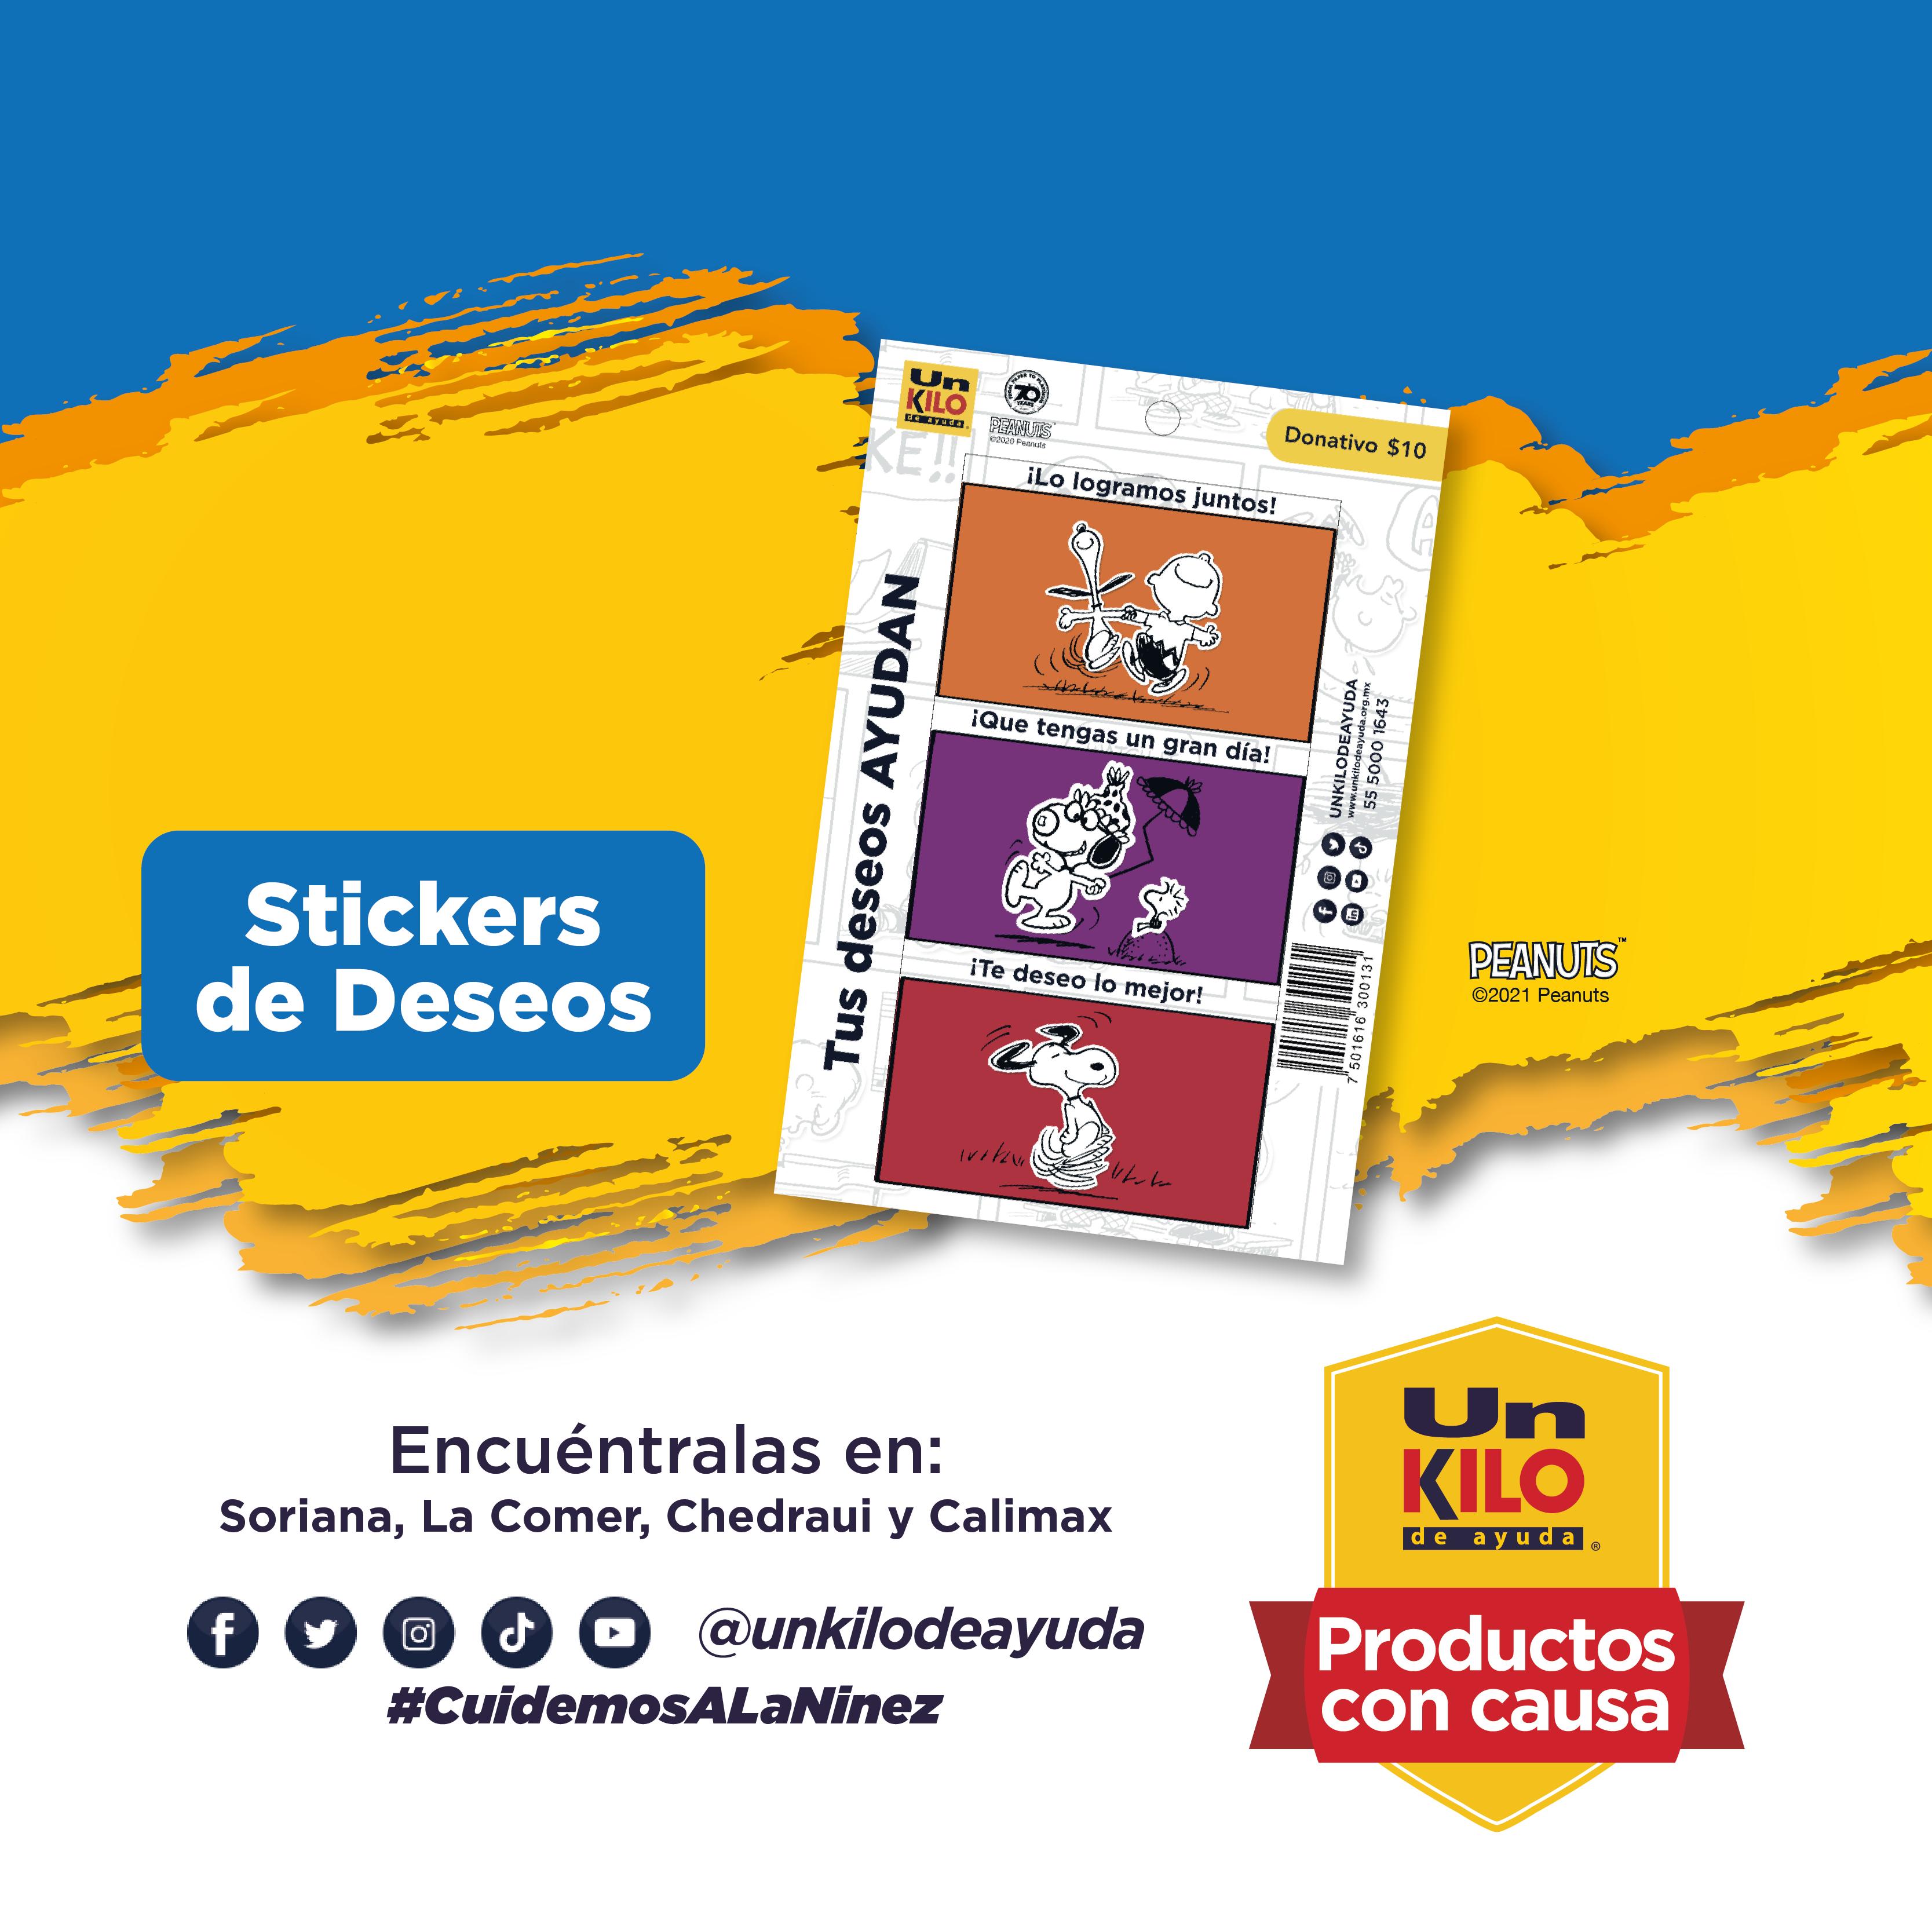 Stickers de Deseos Snoopy